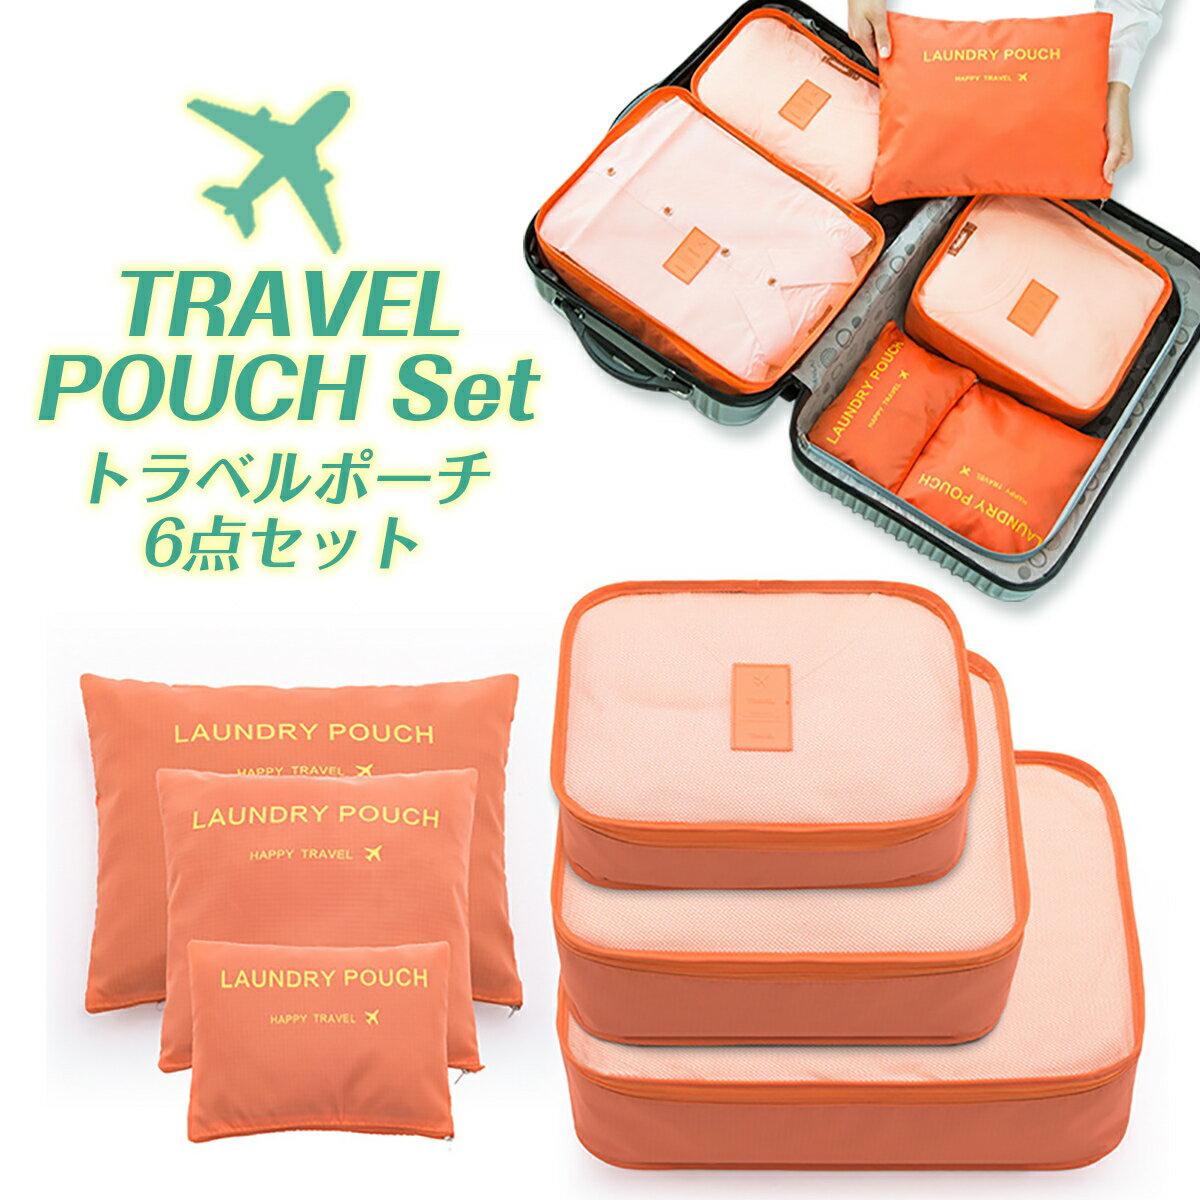 トラベルポーチ 6点セット 旅行 セット おしゃれ トラベルグッズ トラベルバッグ 可愛い 海外旅行 バッグインバッグ 便利グッズ 旅行ポーチ t-pouch01